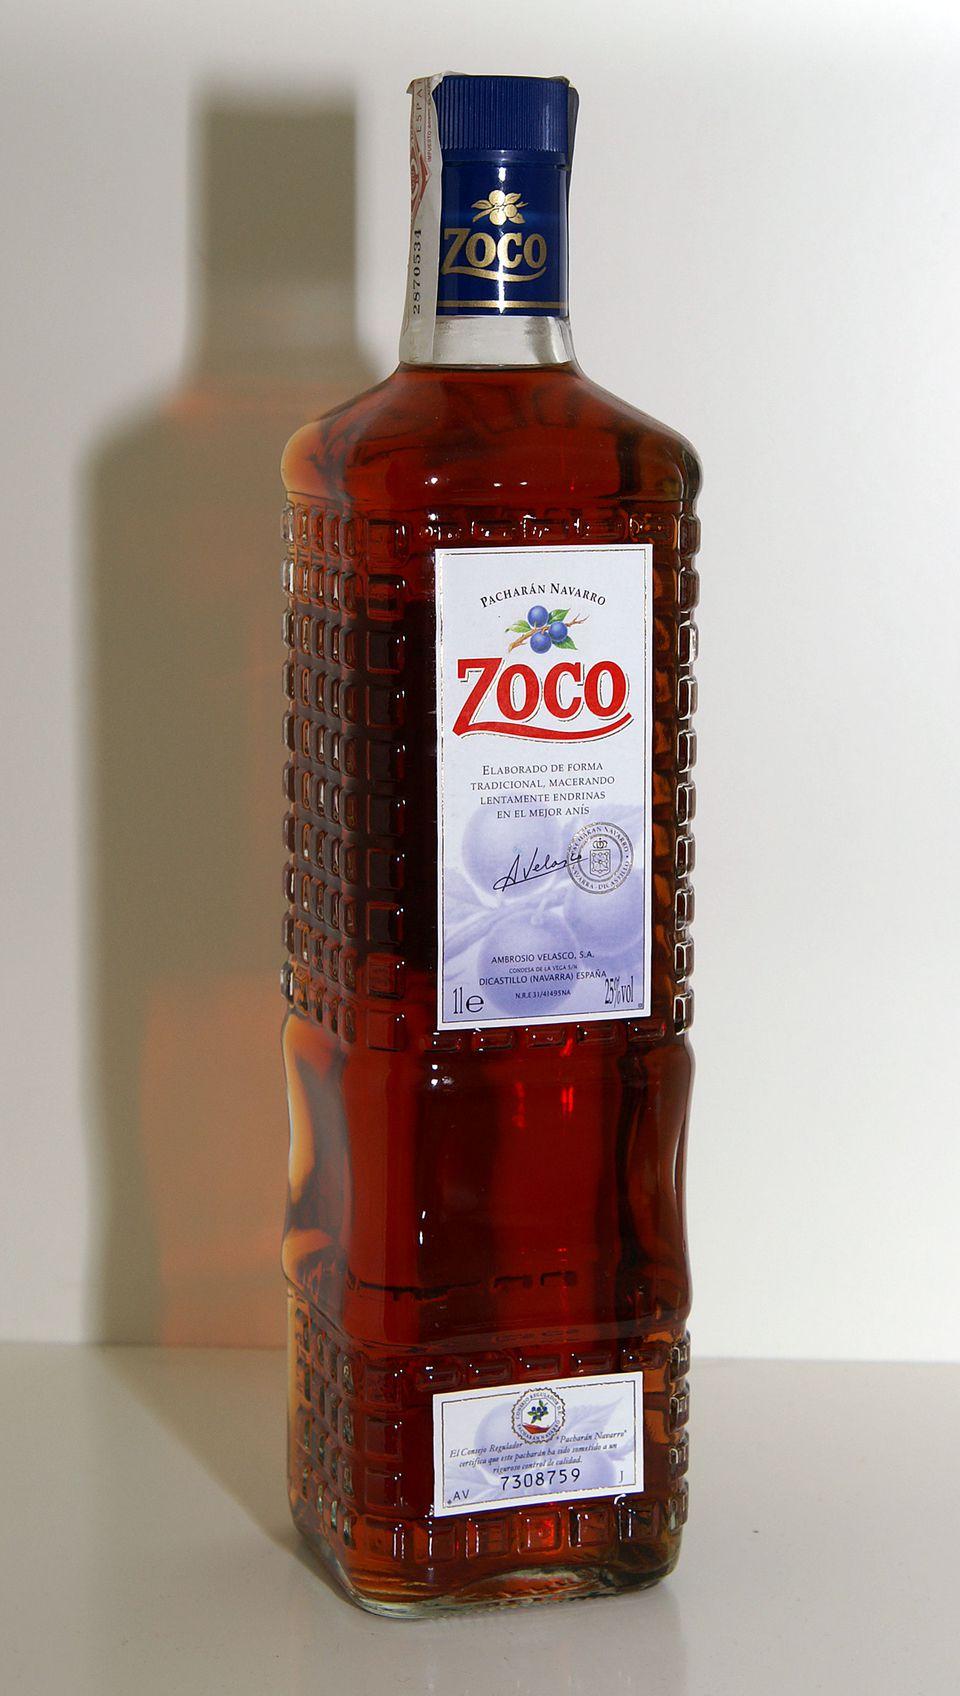 Zoco brand of Pacharan